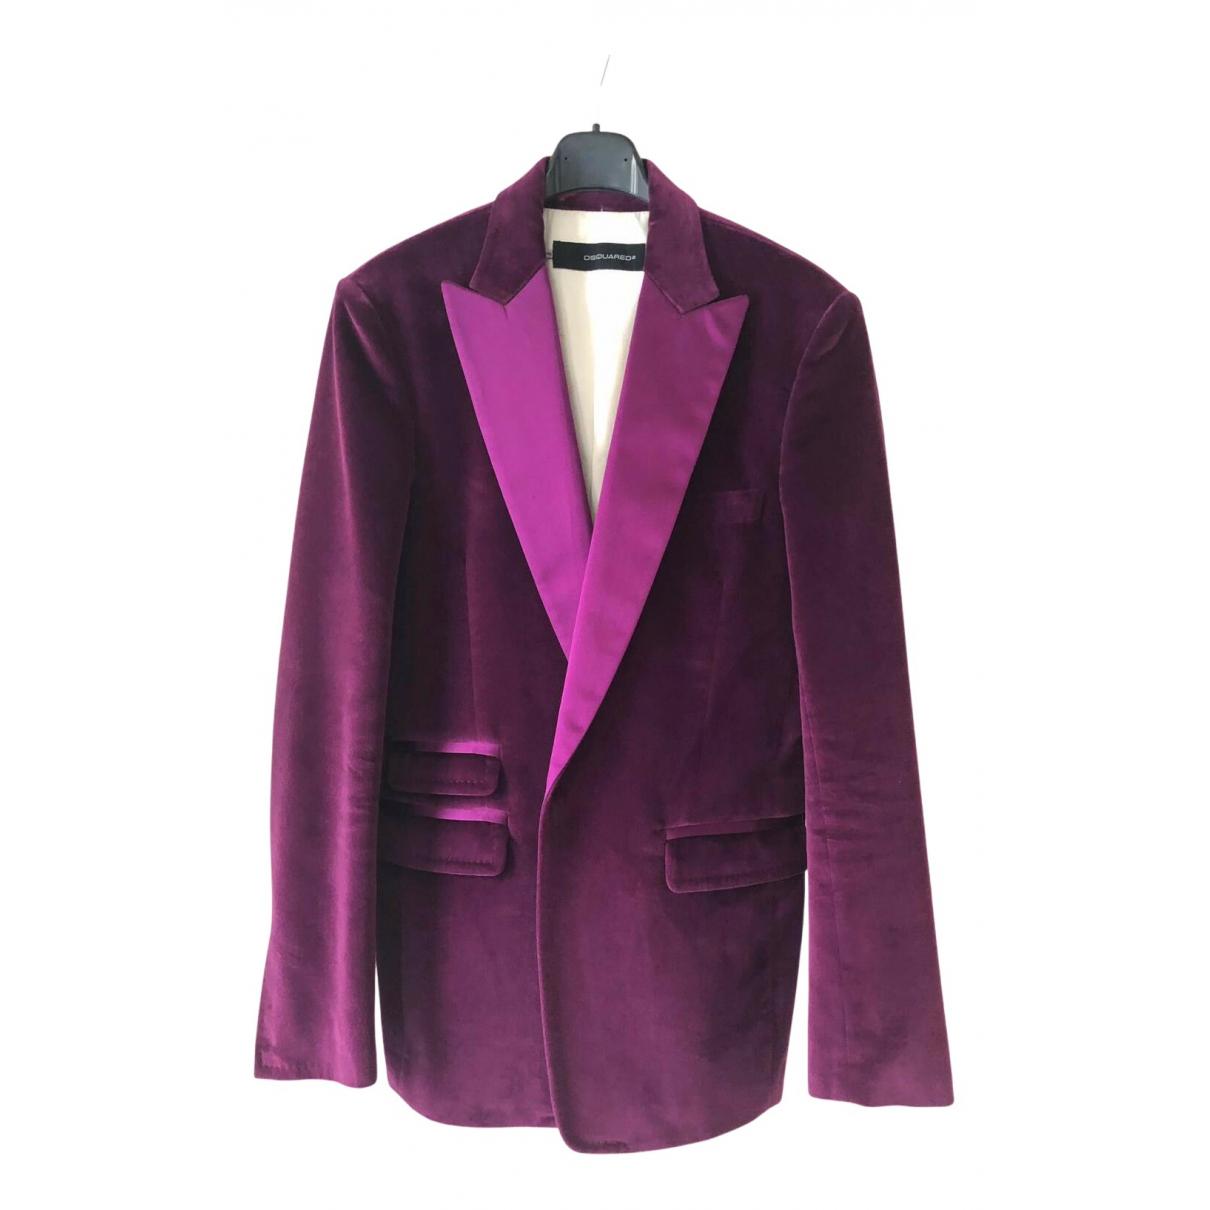 Dsquared2 - Vestes.Blousons   pour homme en coton - violet